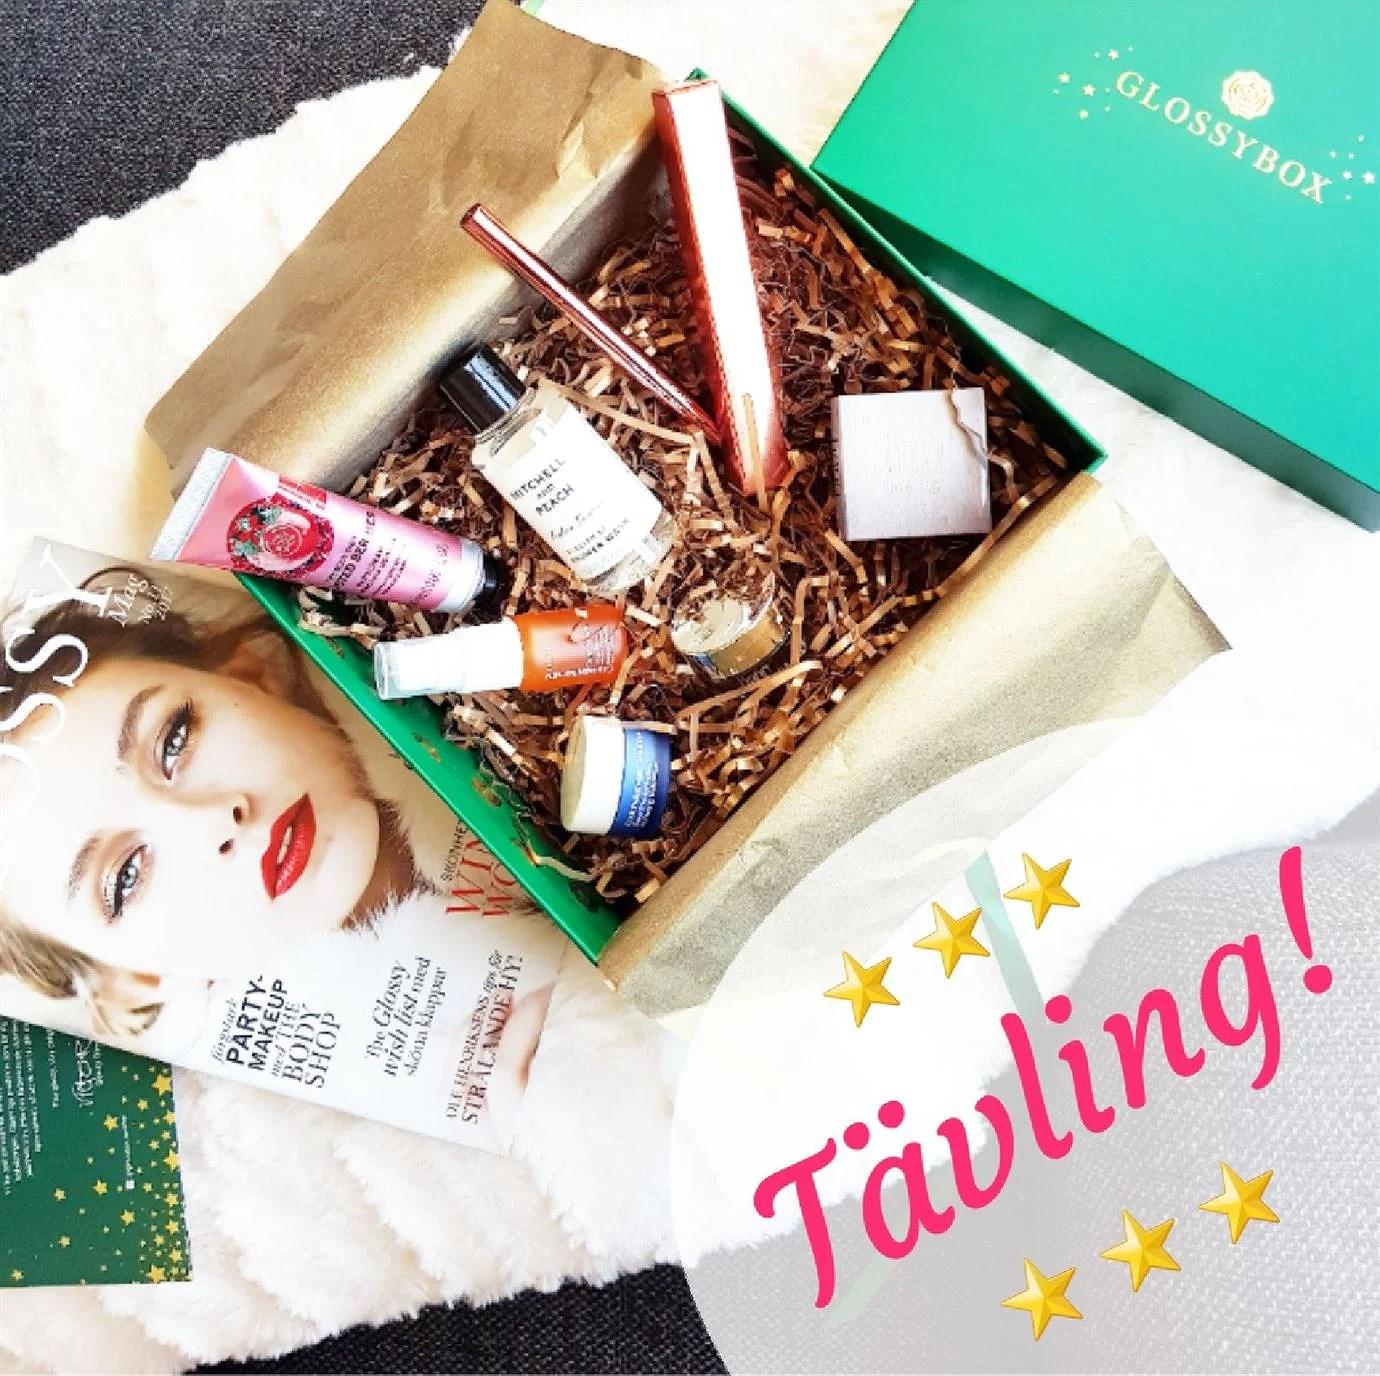 Tävling på Instagram - vinn den lyxiga Glossyboxen!